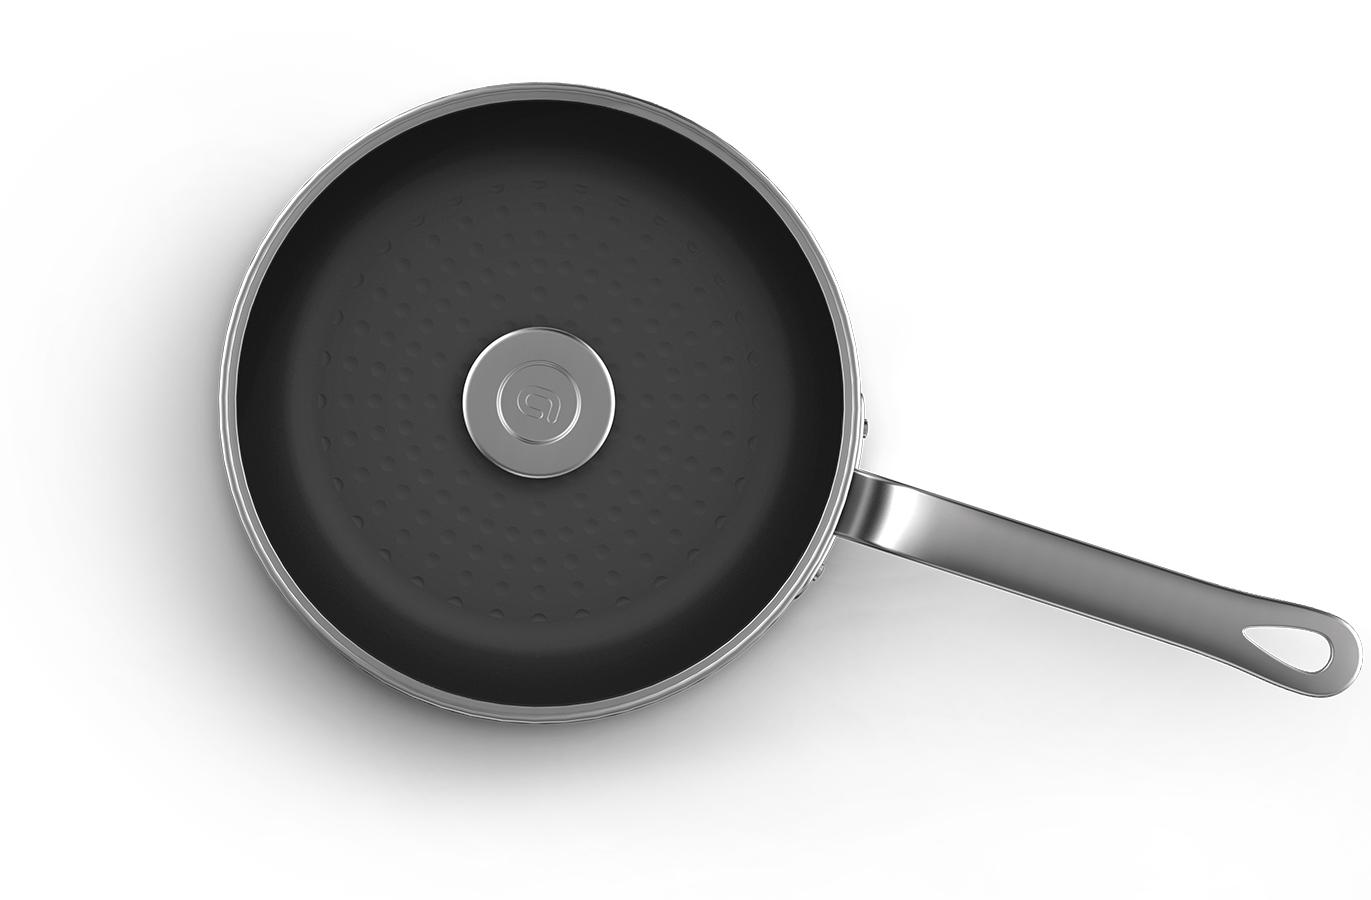 un design robuste - Le corps en aluminium poli confère à INDUCPRO 2.0 un design brut et robuste. La plaque anodisée vient isoler le corps de la poignée creuse en fonte.• Très bonne prise en main tout en sécurité • Une grande robustesse